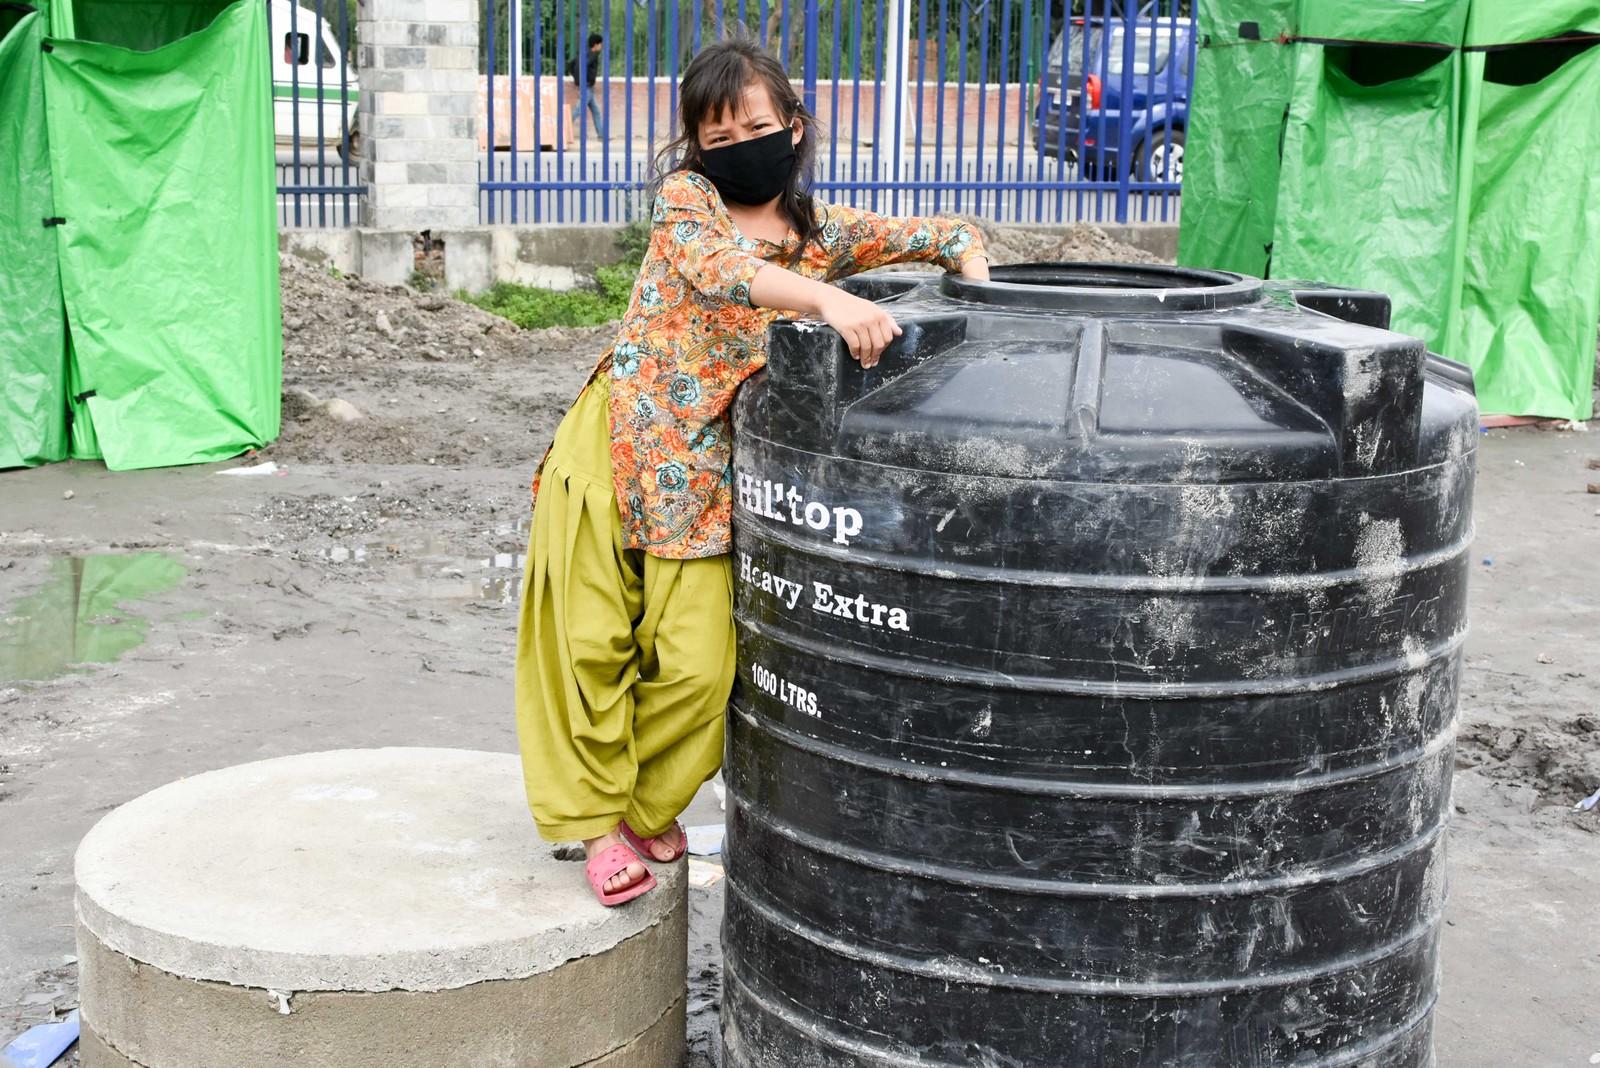 En jente lener seg på en av vanntankene i teltleiren.